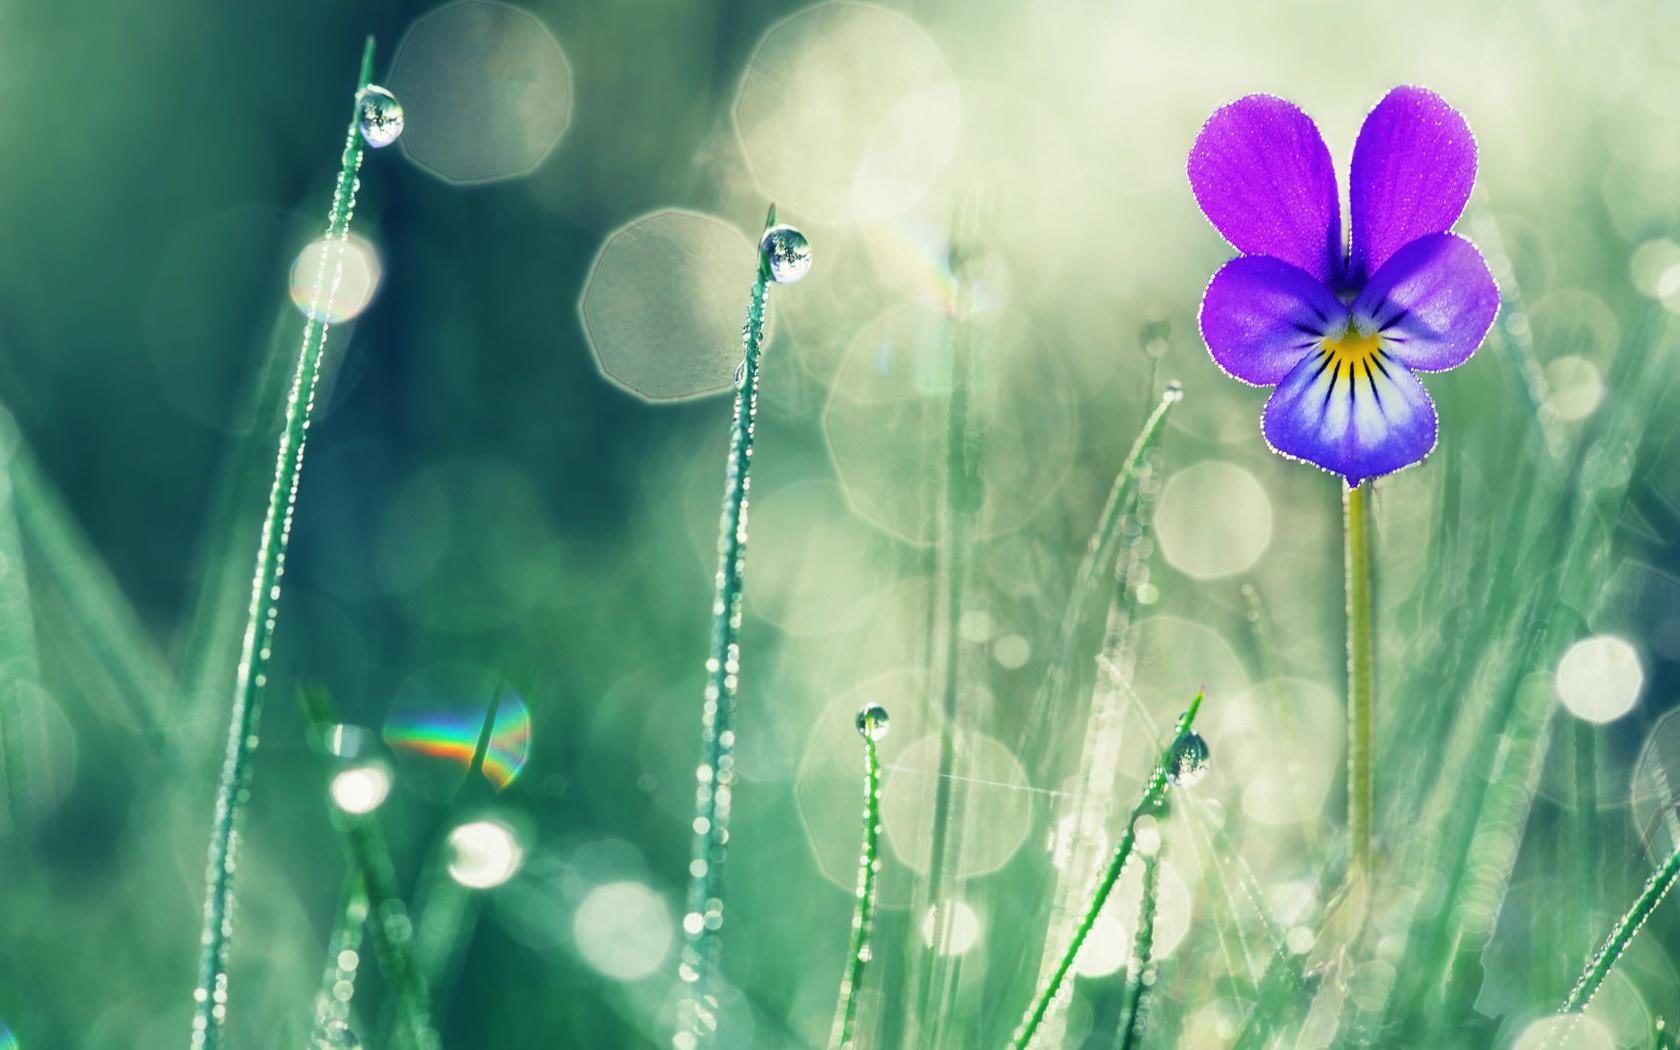 valentin valkov, природа, лето, трава, цветок, фиалка, макро, боке, капли, роса